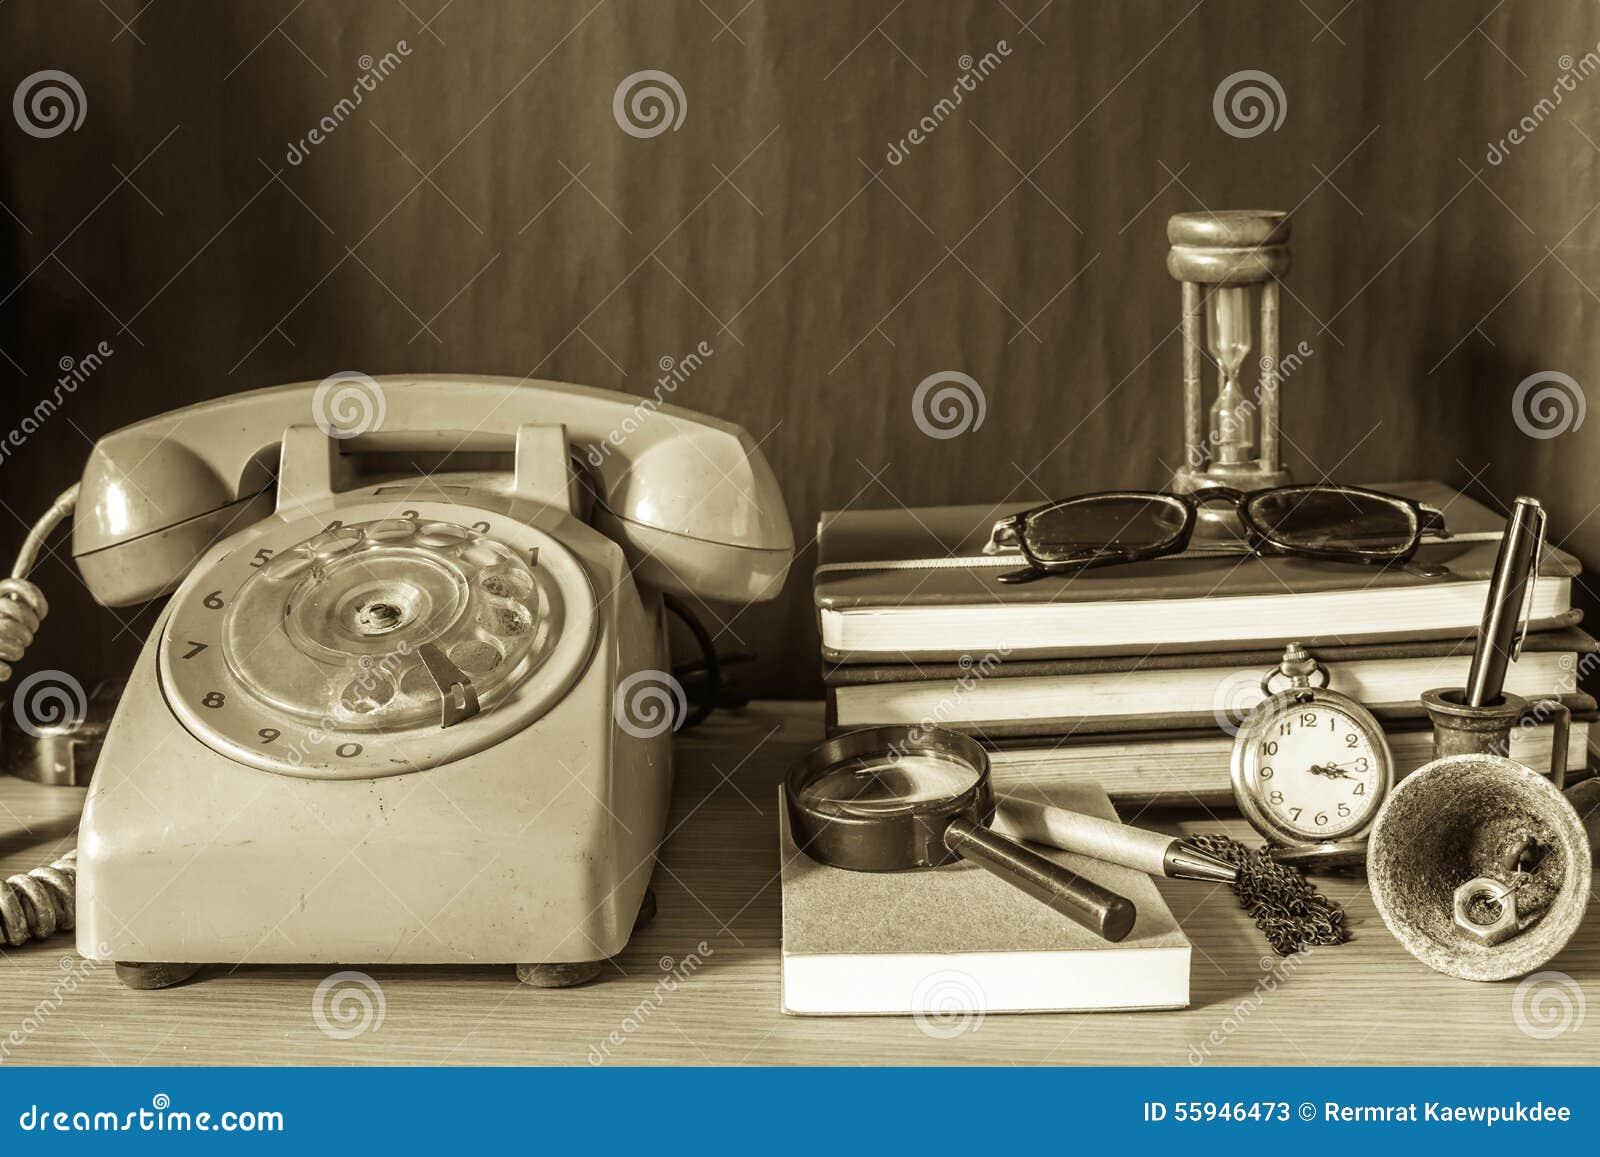 Teléfono y efectos de escritorio con un vintage